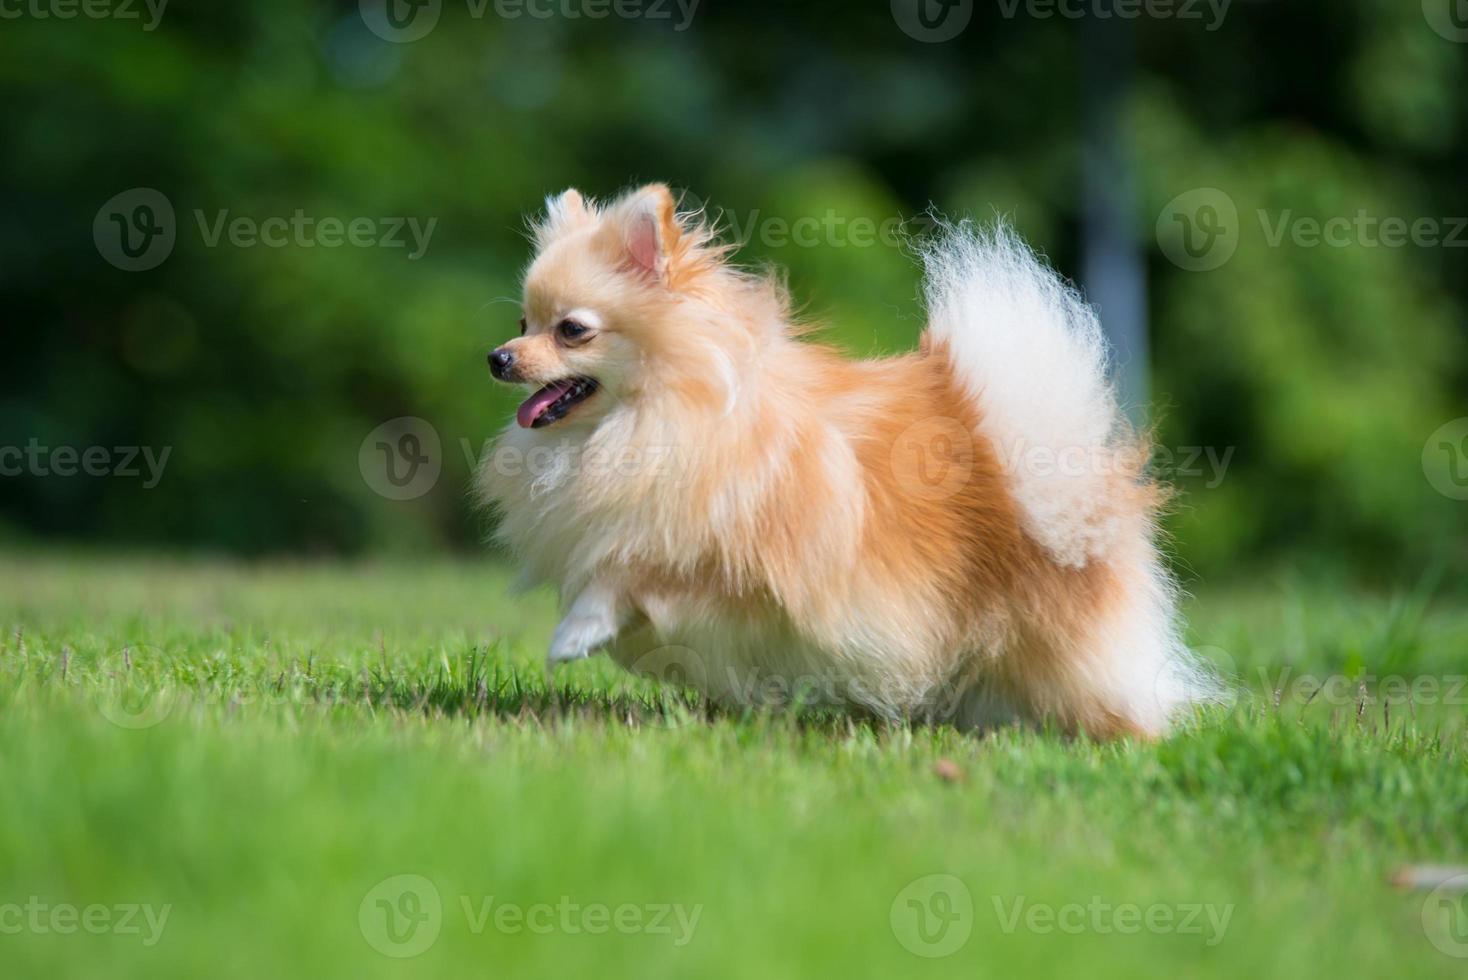 piccolo cane pomeranian arancione che corre sull'erba foto